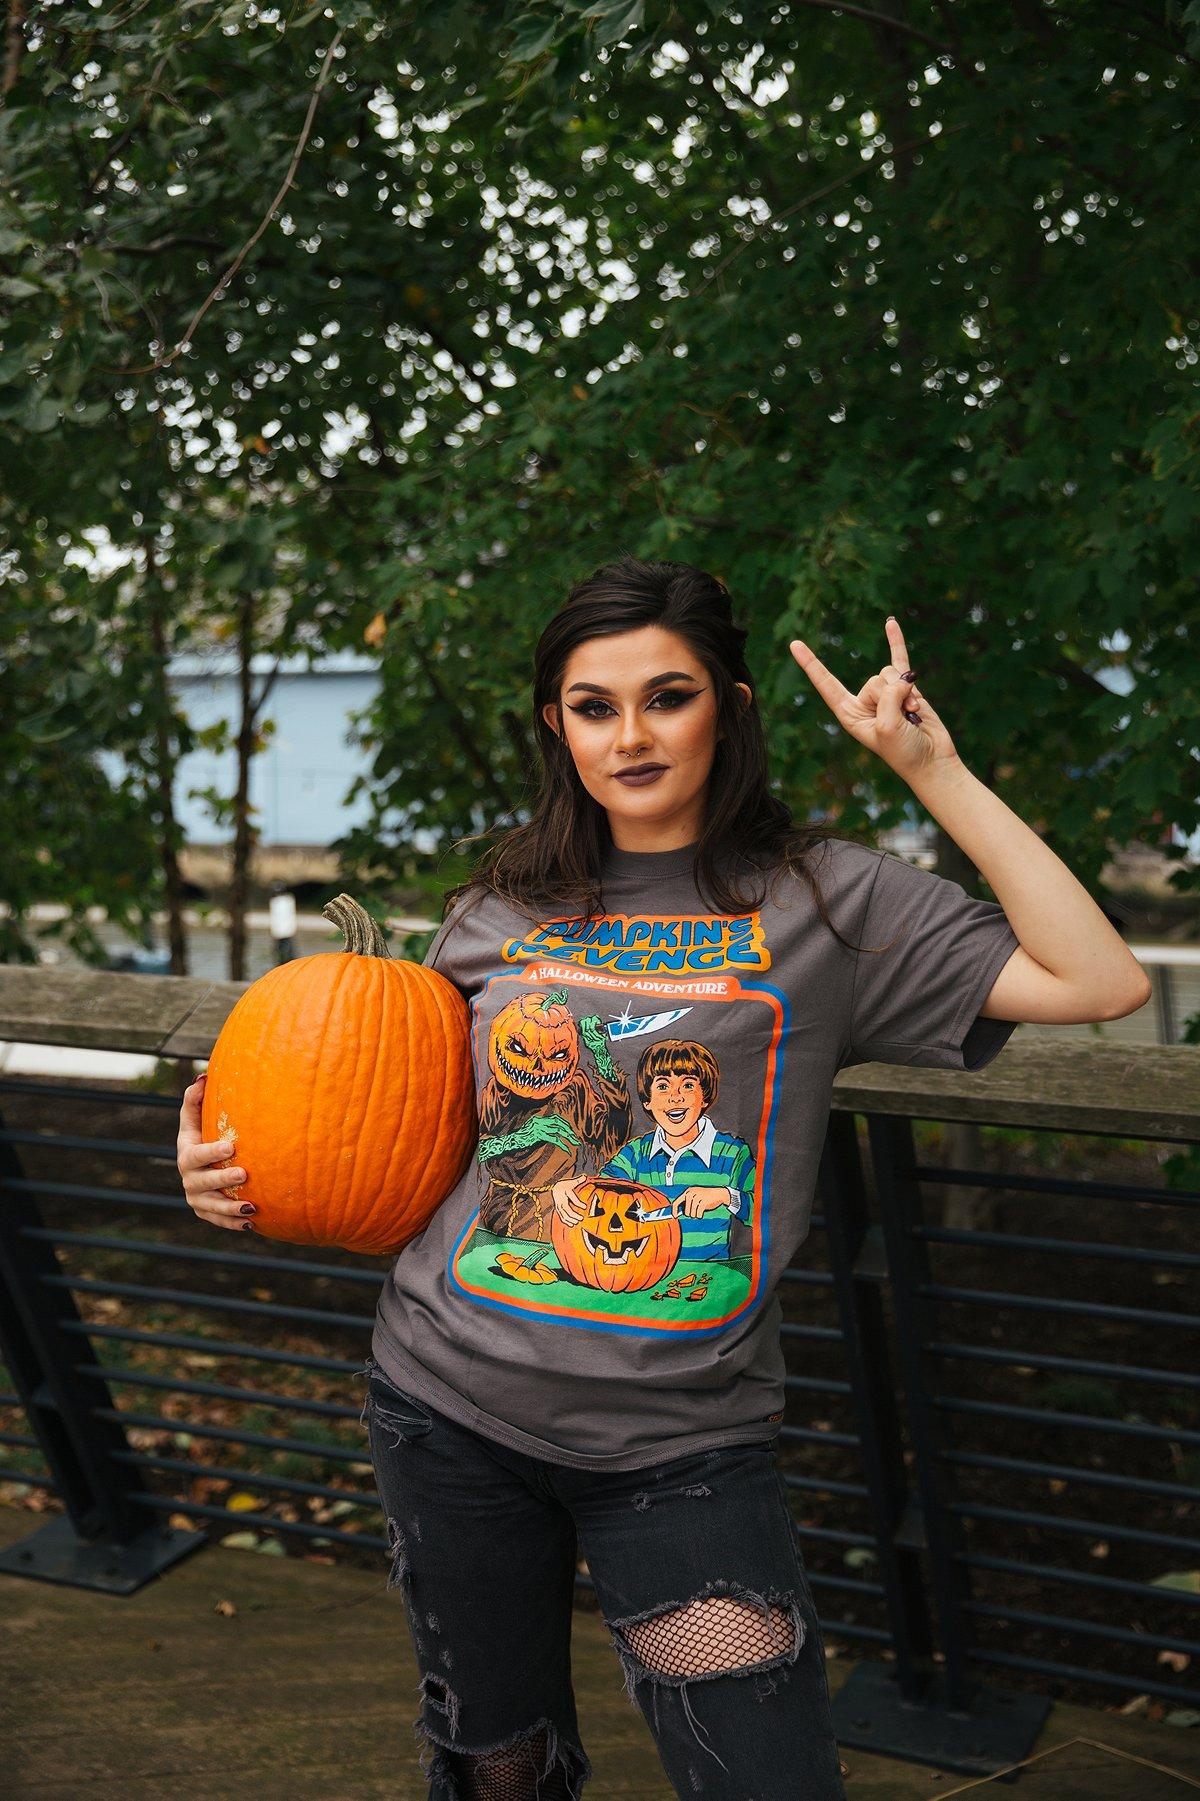 steven rhodes pumpkin's revenge t shirt t-shirt